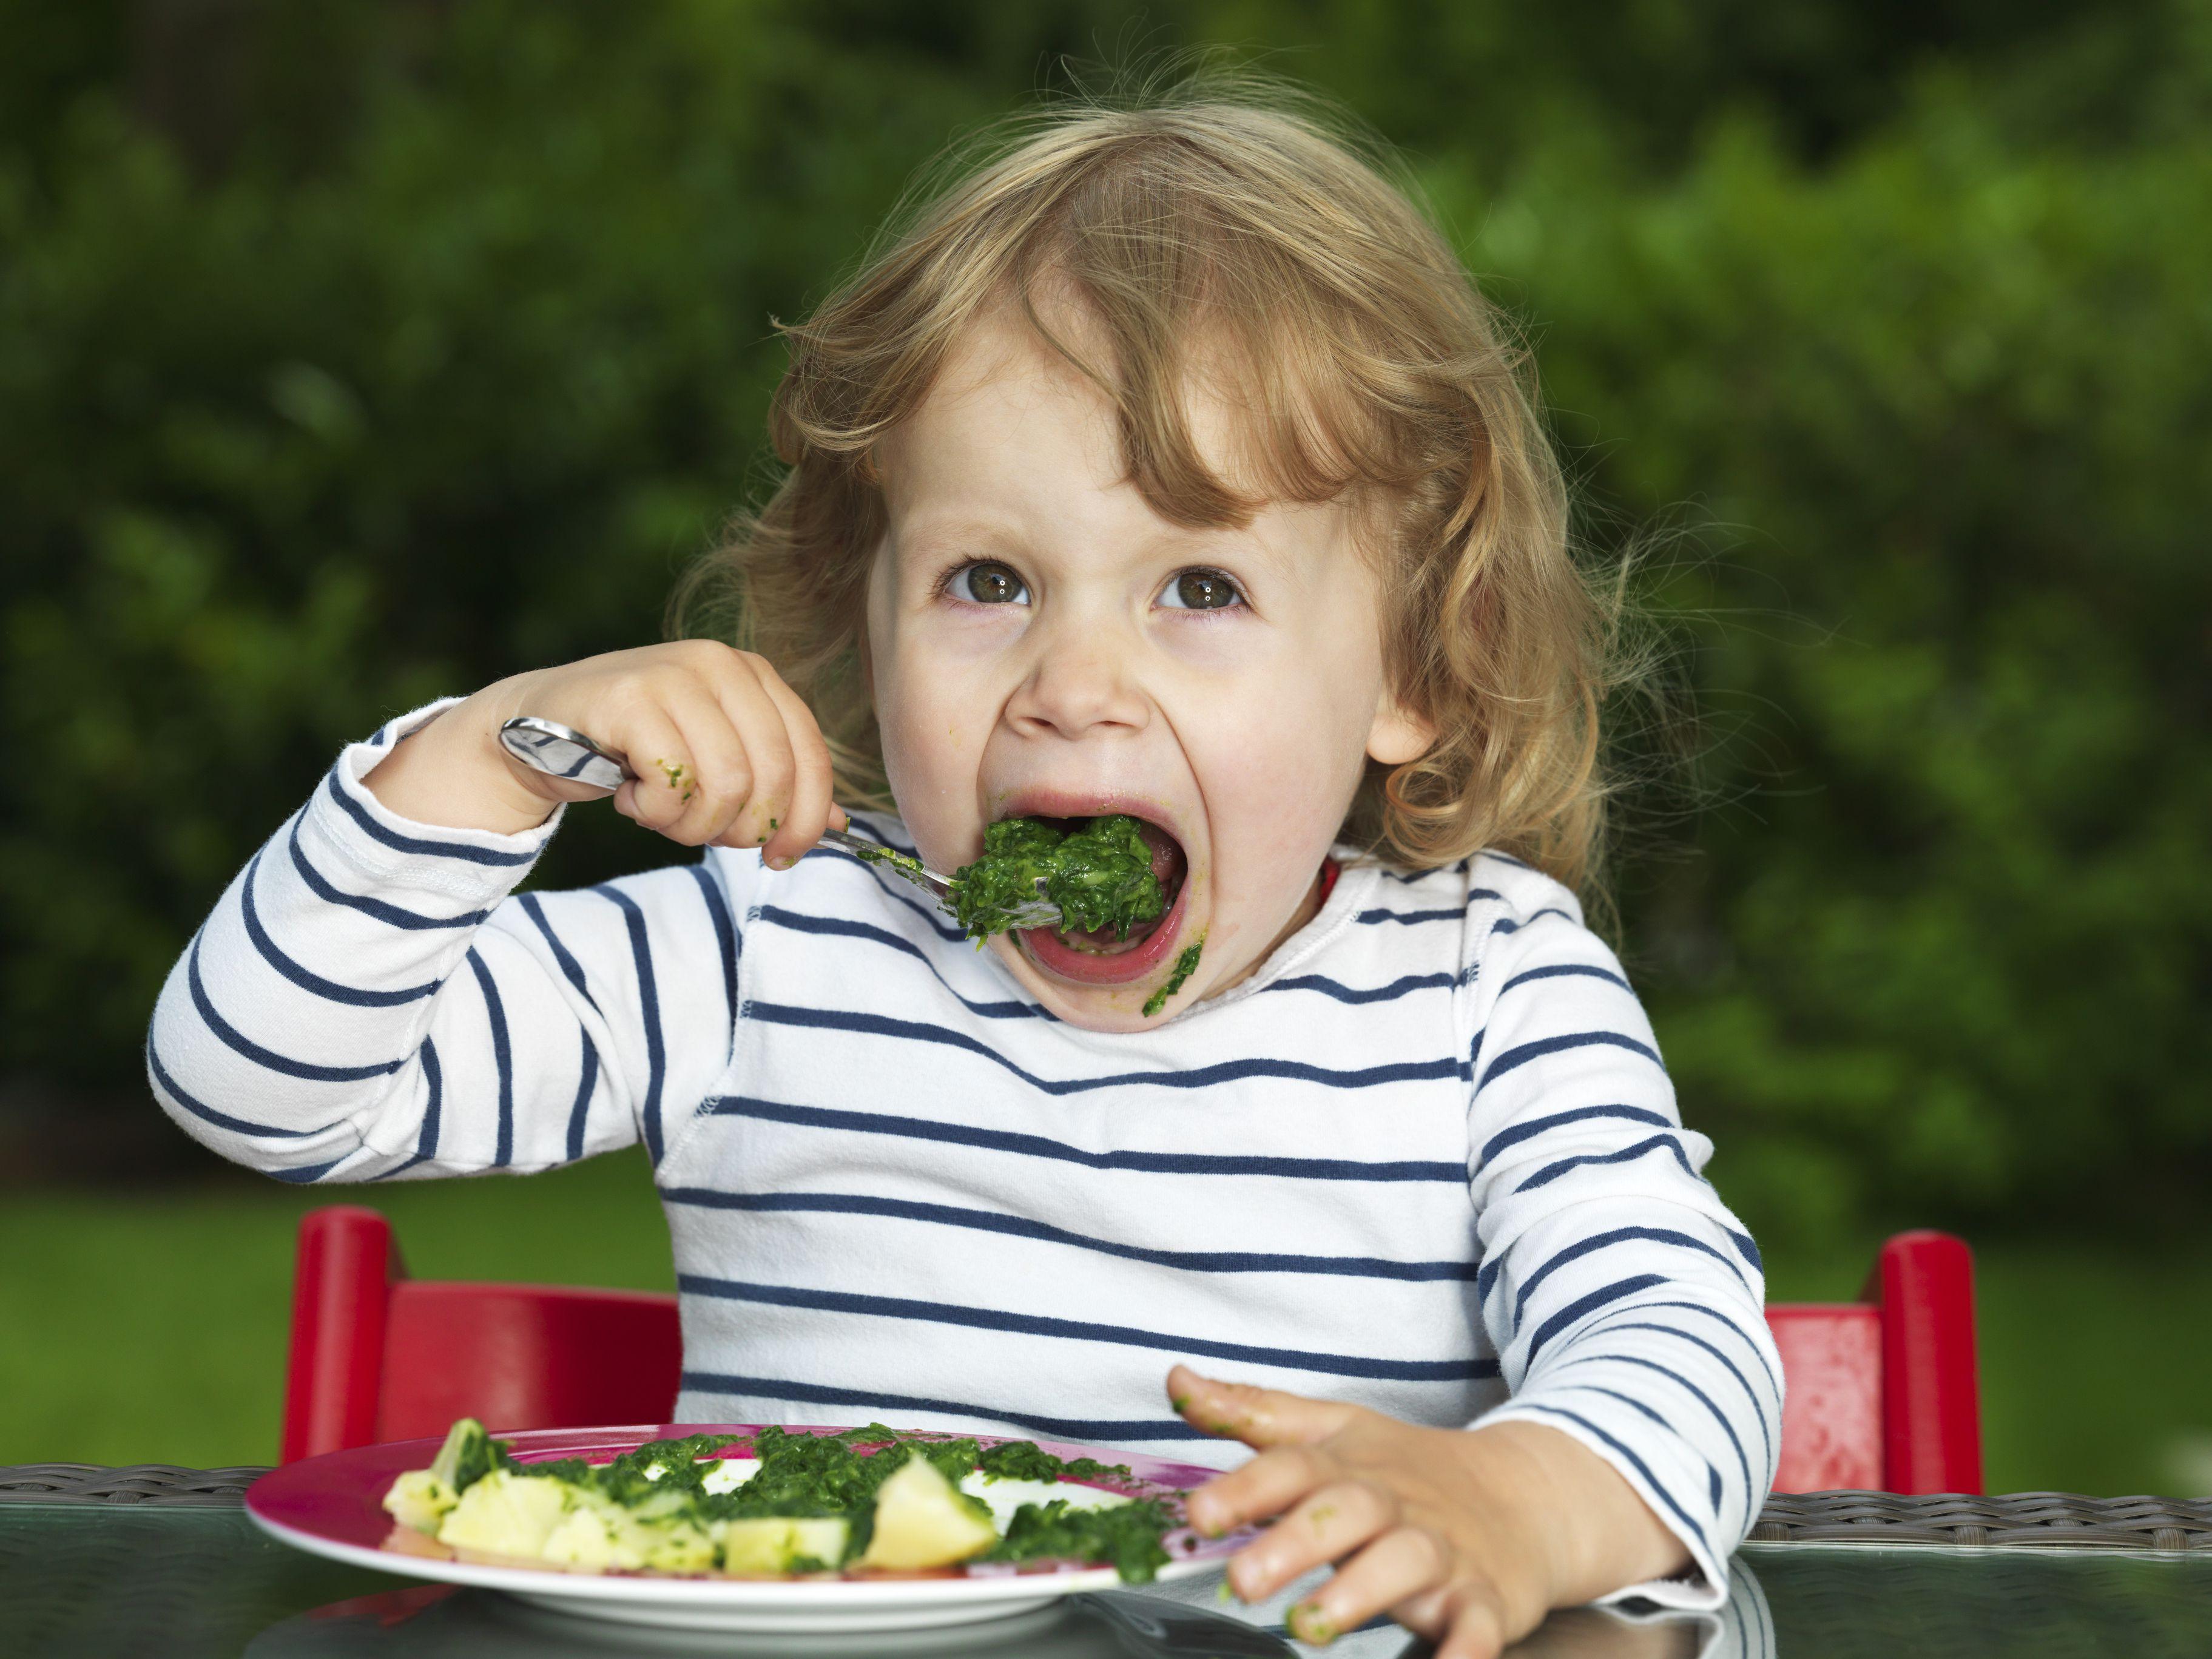 Los niños pequeños necesitan aproximadamente una taza de vegetales por día.